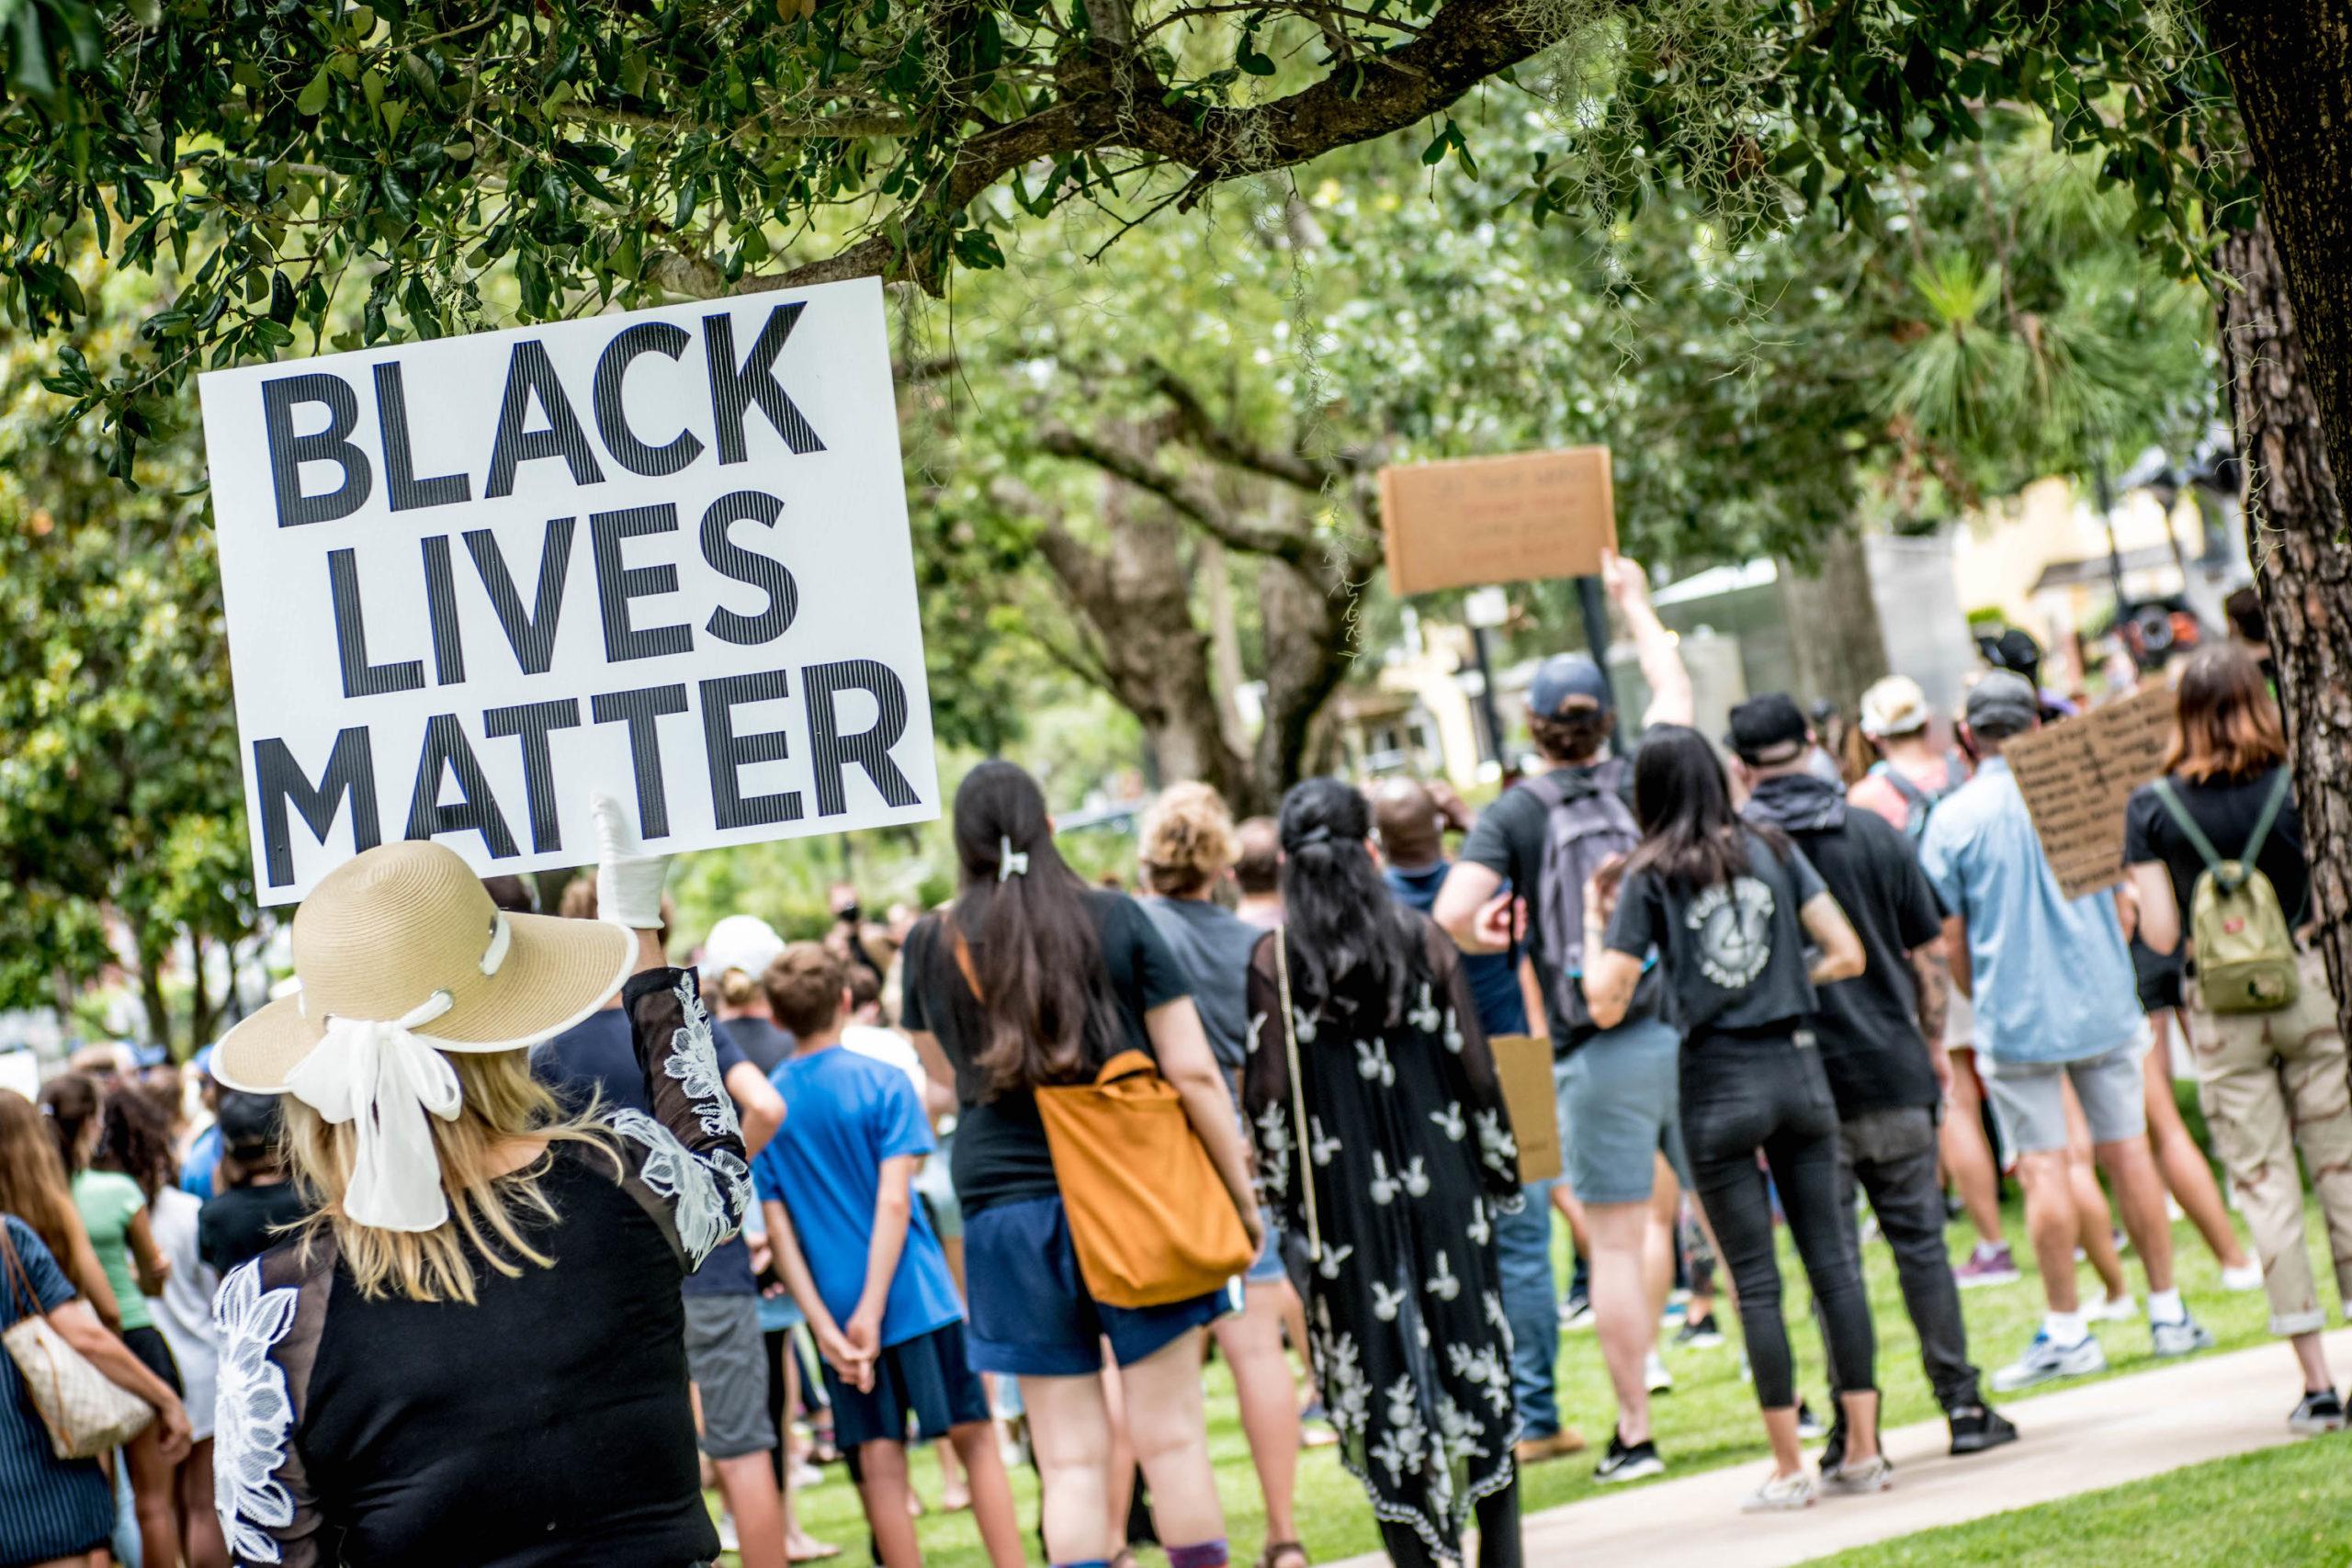 Black Lives Matter protestors hold up signs in Central Park.